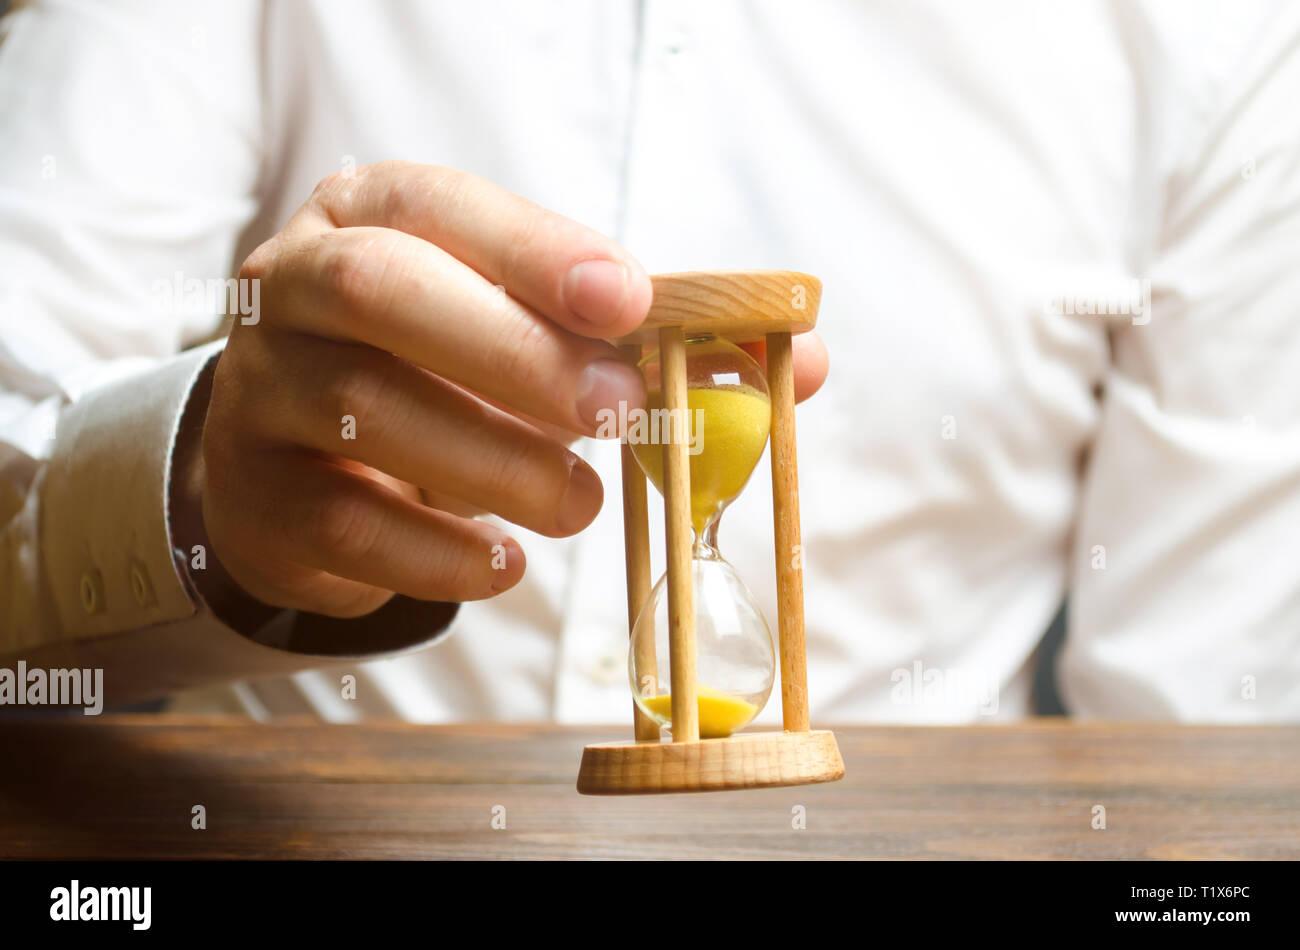 Reloj de arena en las manos de una persona en una camisa blanca. La gestión de la empresa. Gestión del tiempo aumenta la eficiencia, reduce los costos y la burocracia. Logística Foto de stock